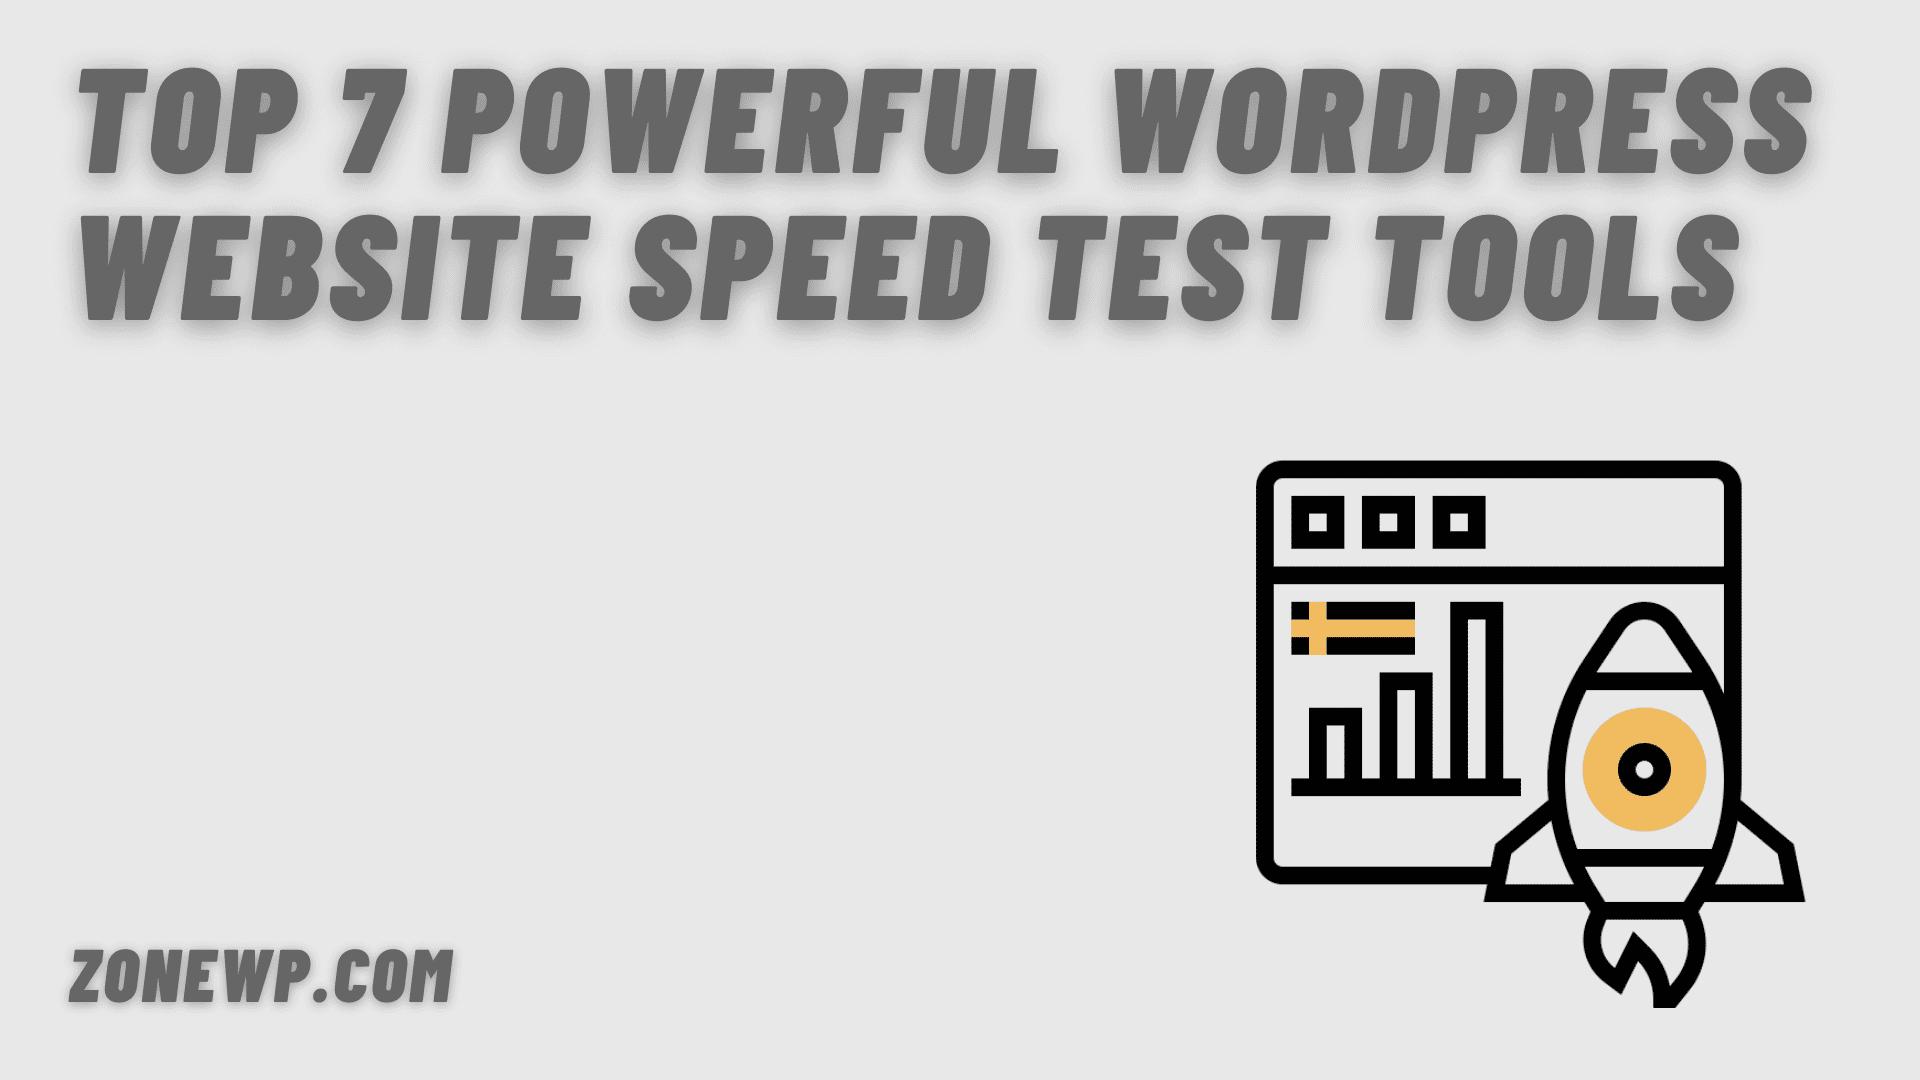 Top 7 Powerful WordPress Website Speed Test Tools